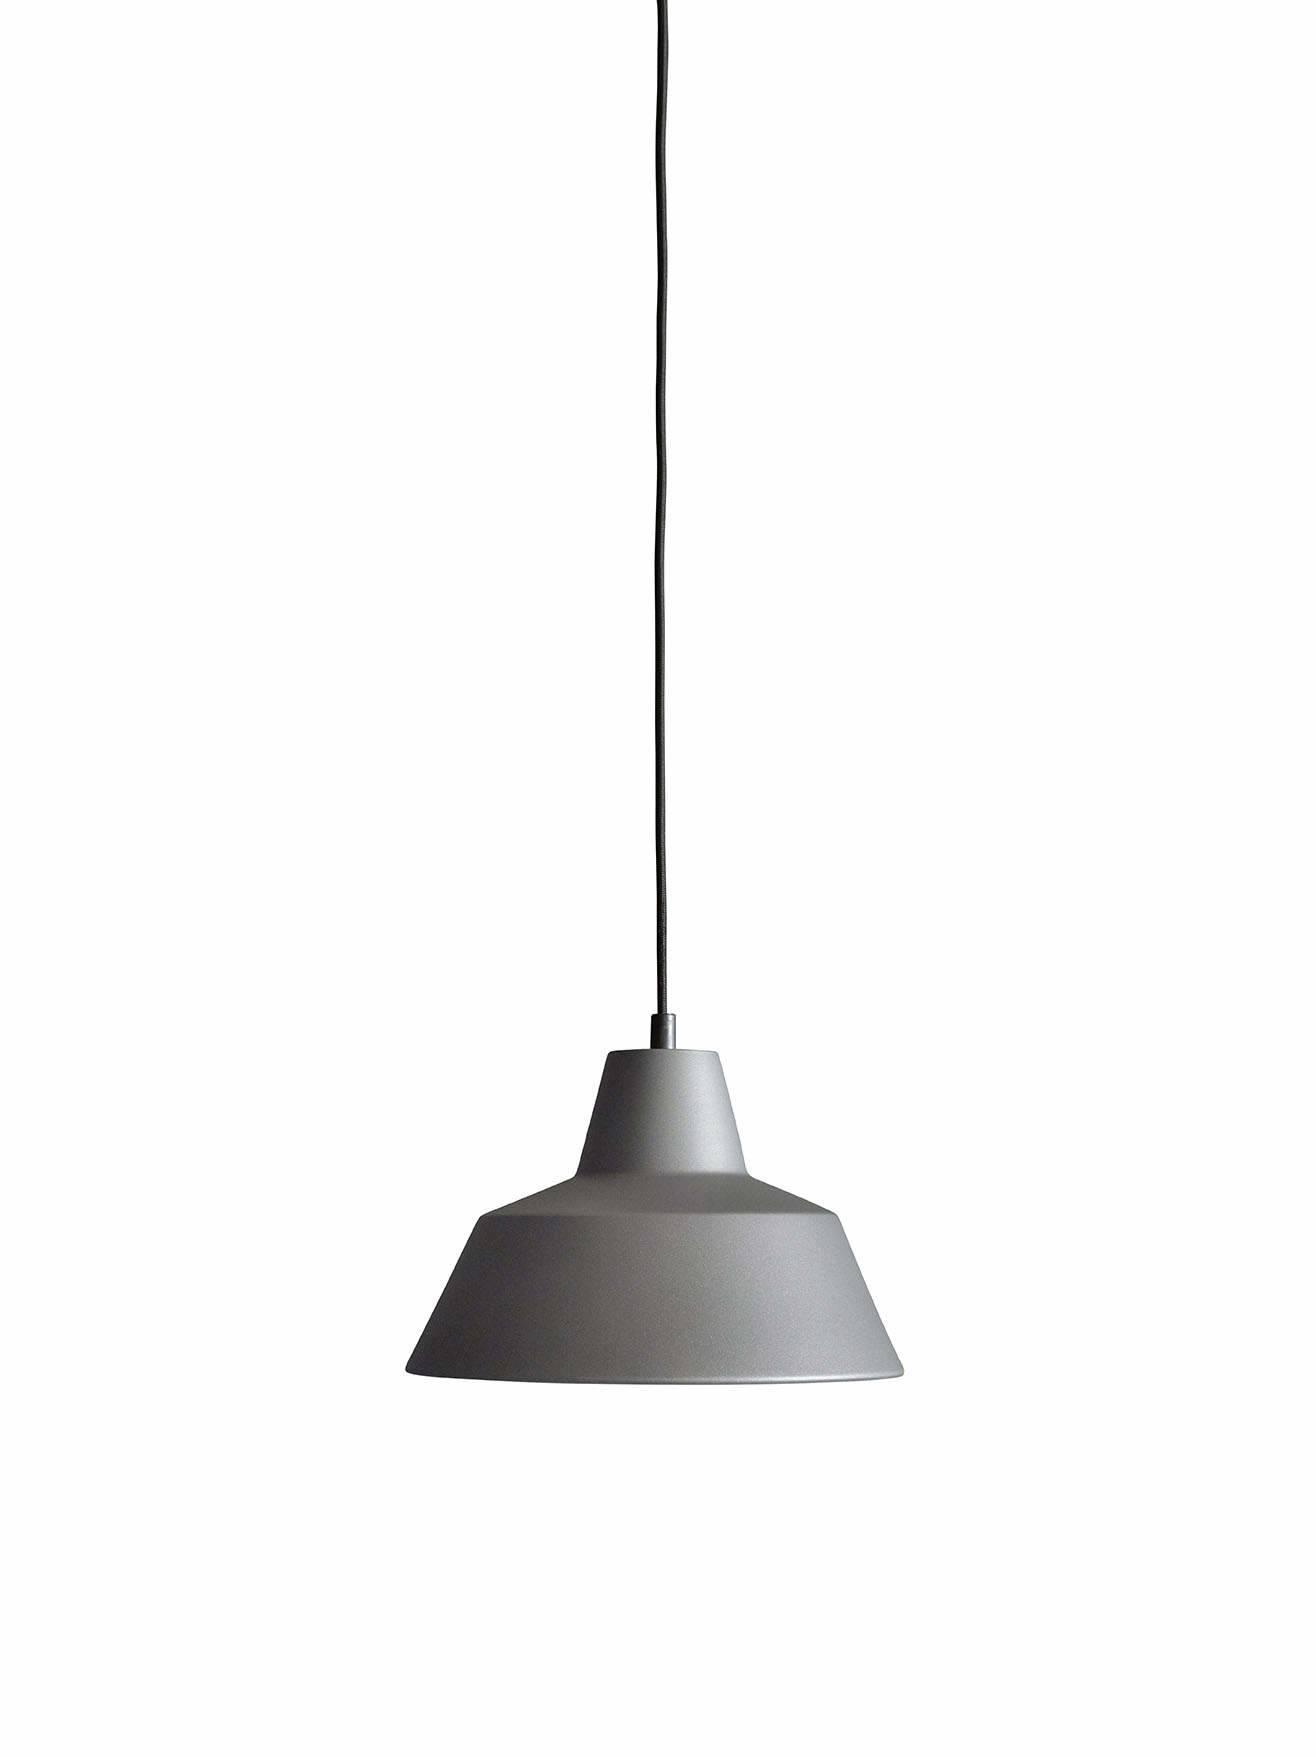 Et stykke dansk design historie fra Wedel Madsen. Med det solide og lidt industrielle look passer den særligt godt til en rå og minimalistisk indretning. Og så giver den godt lys!